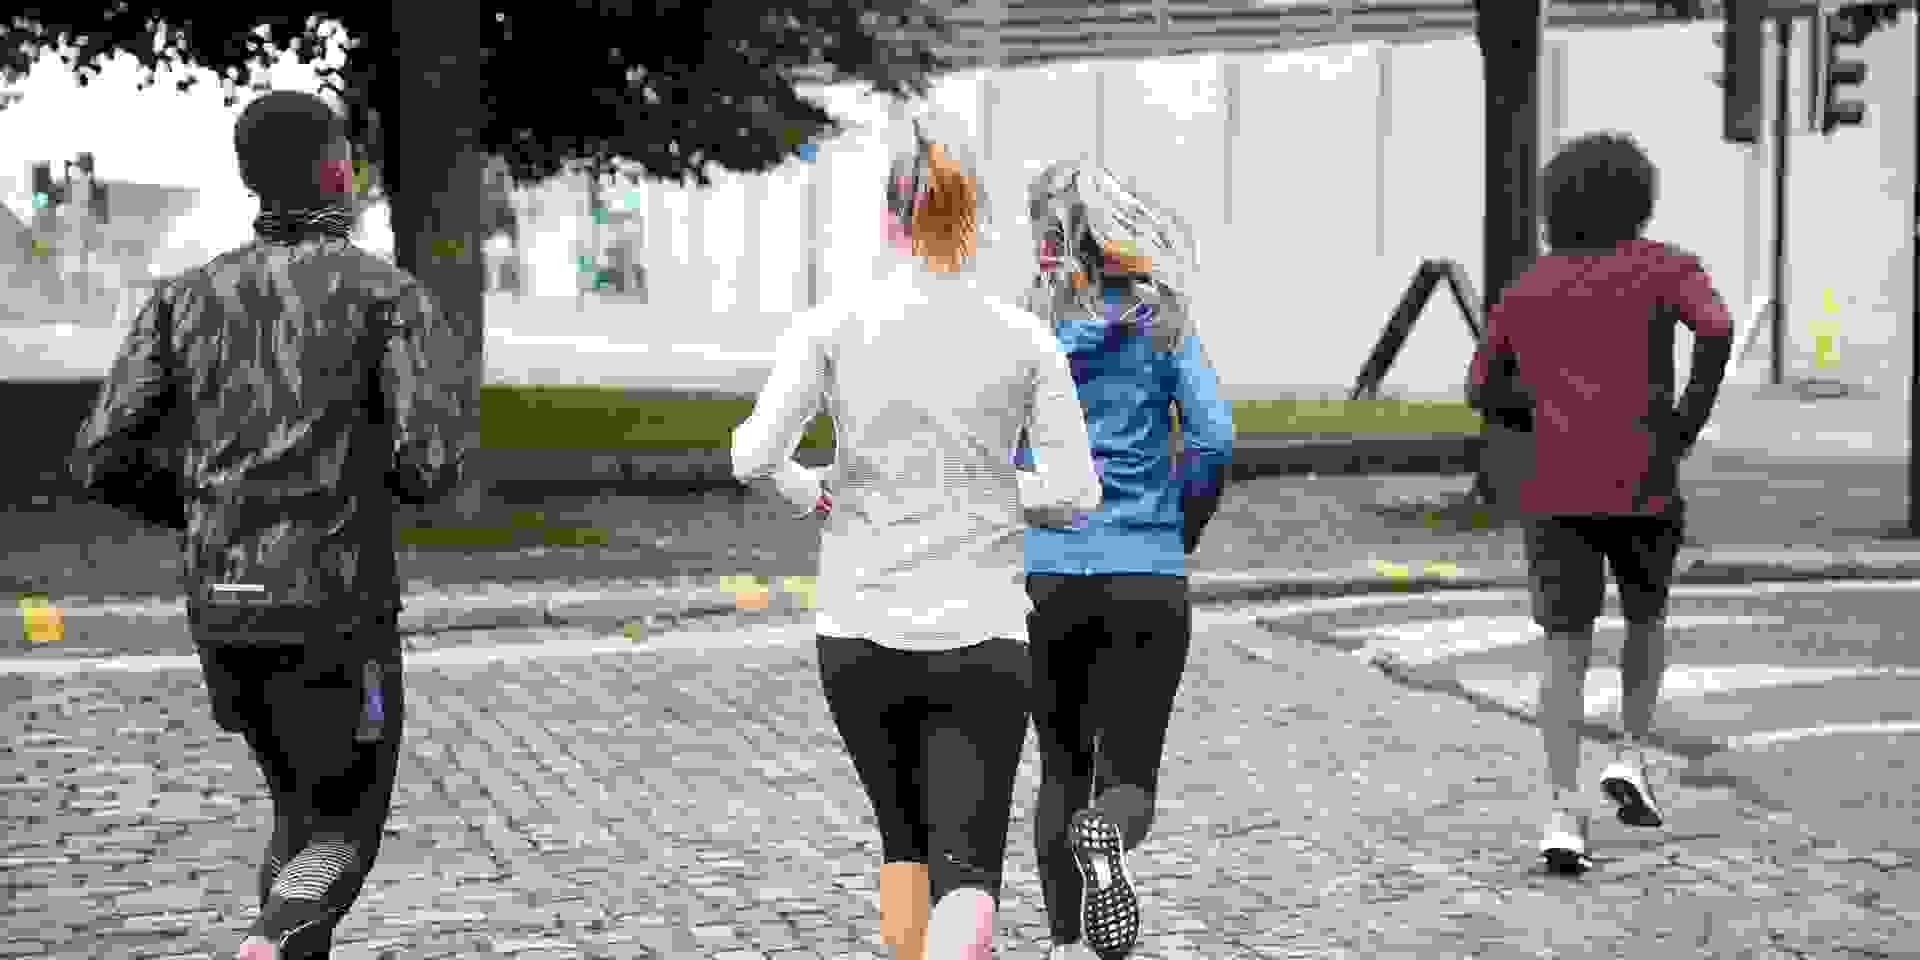 Eine Gruppe Läufer von Hinten die in der Stadt trainieren